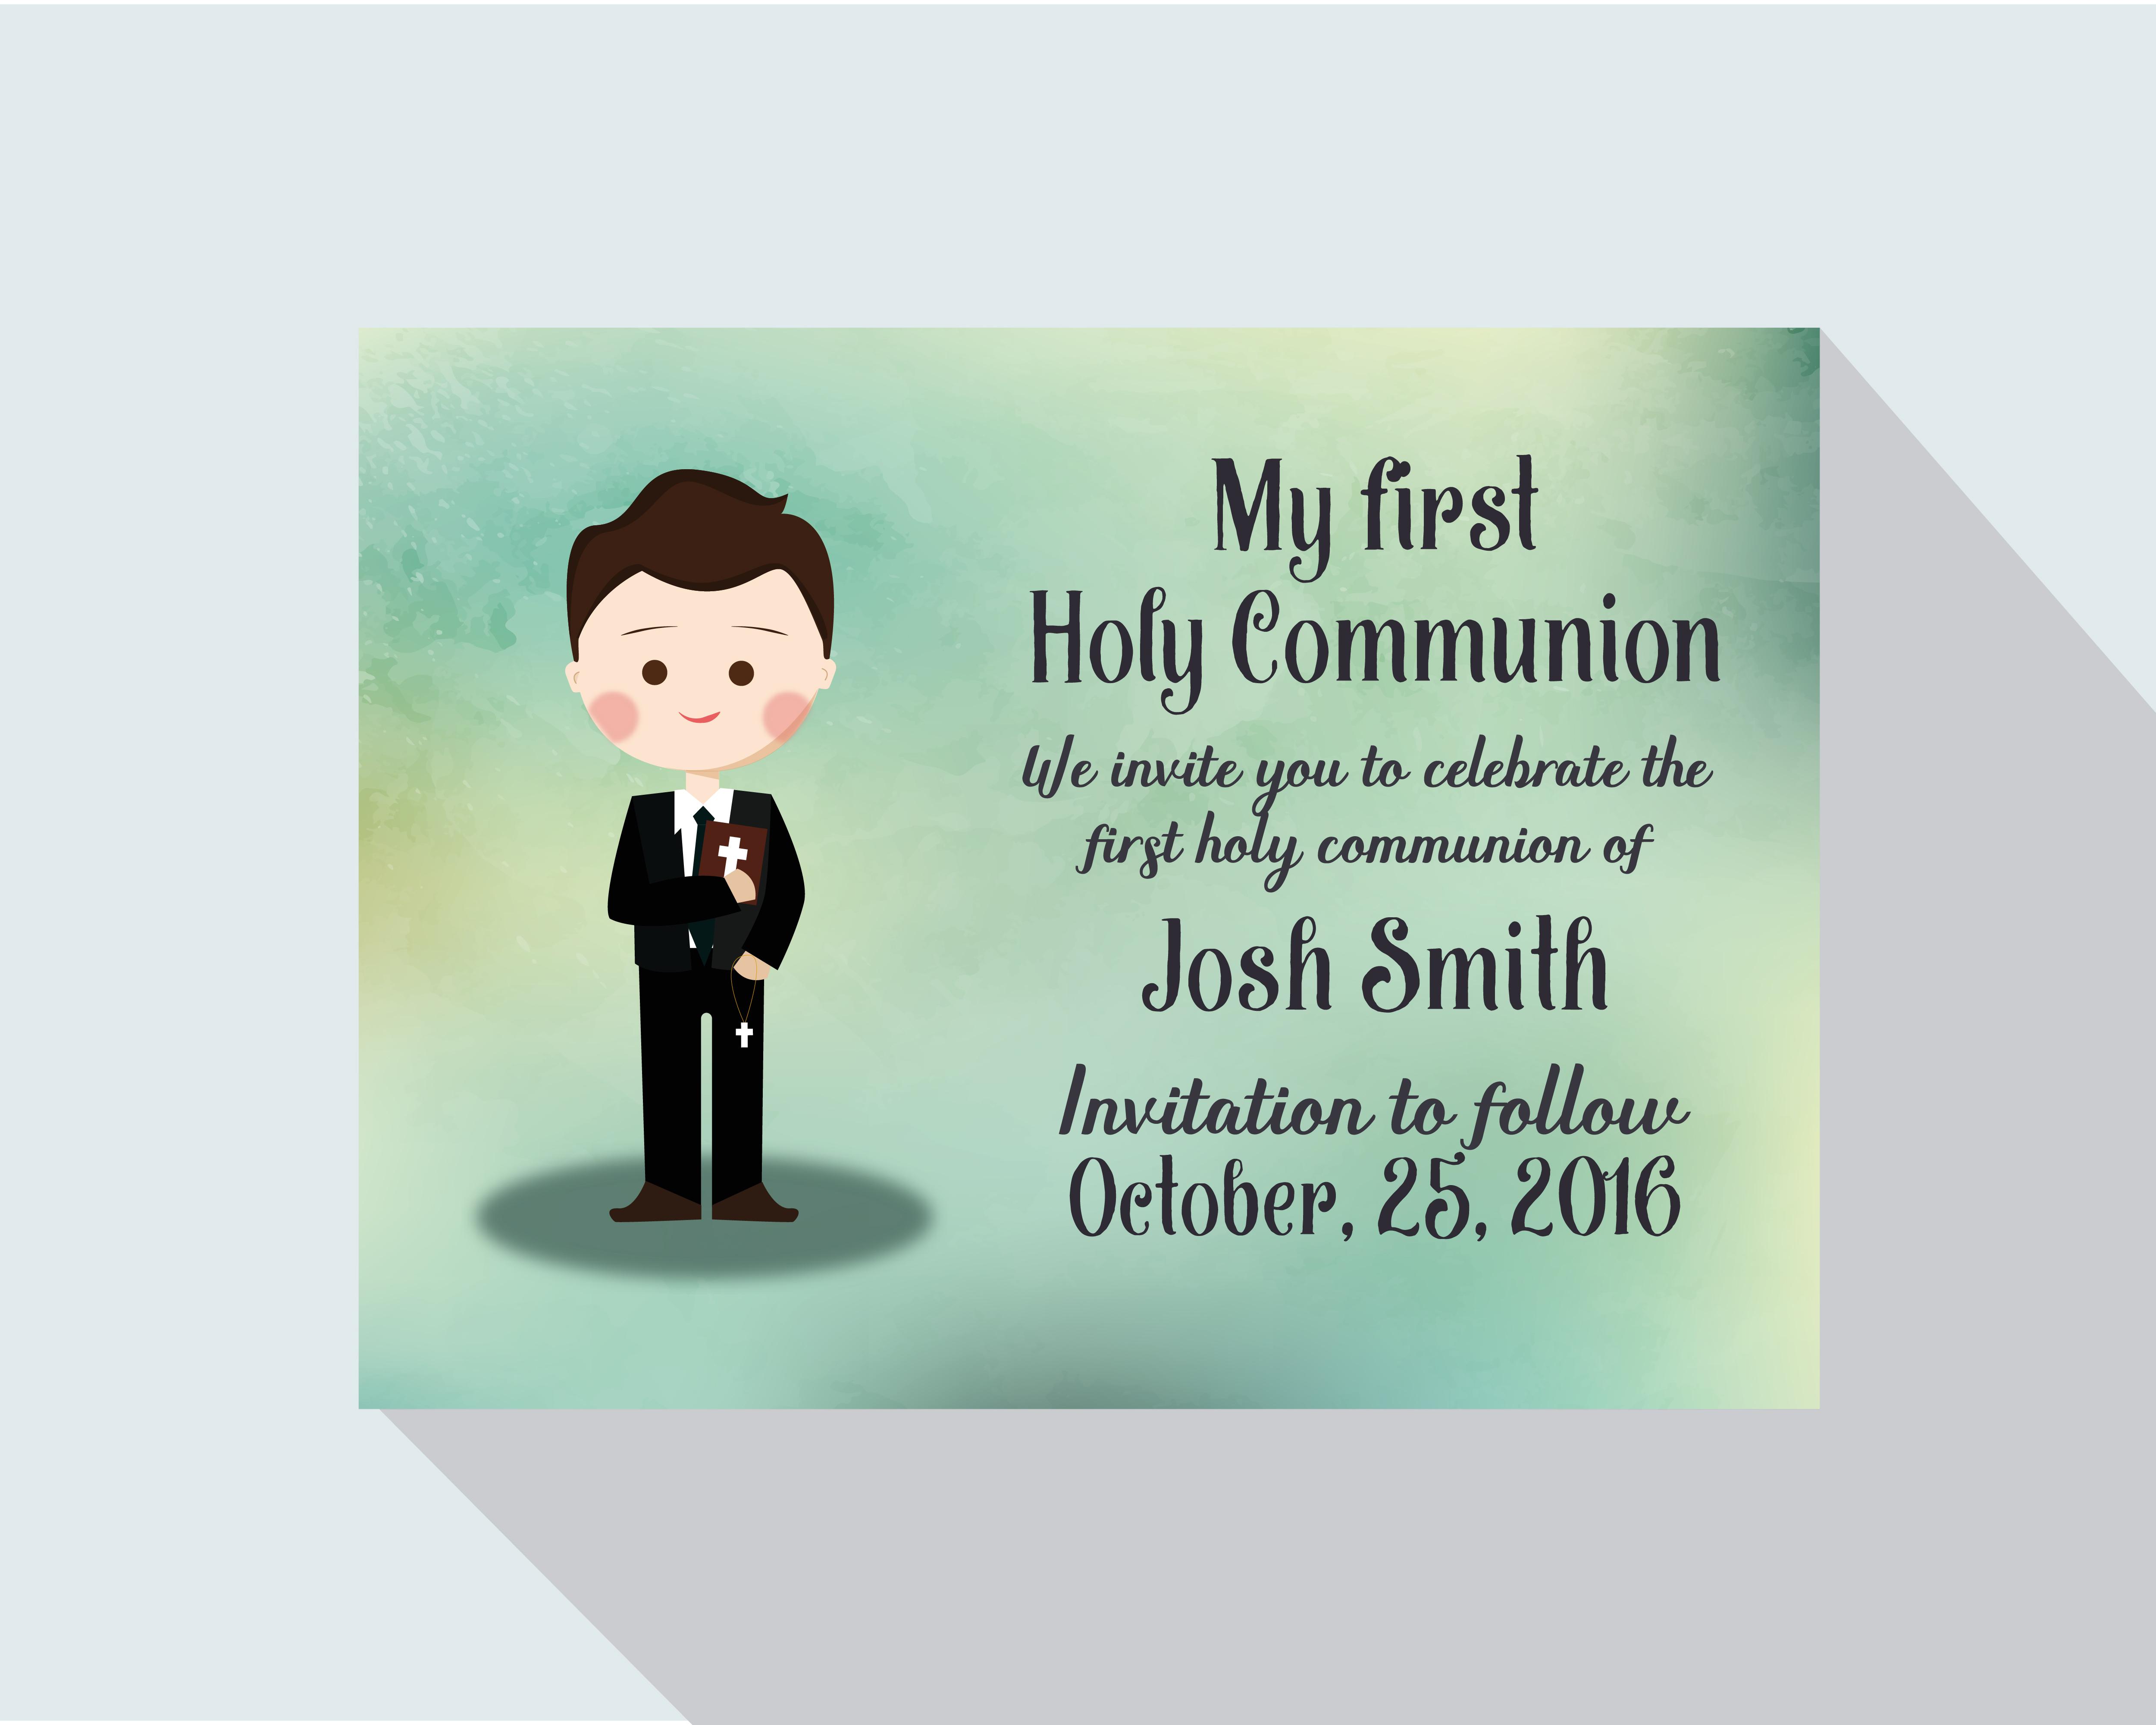 Ma Premiere Carte De Sainte Communion Telecharger Vectoriel Gratuit Clipart Graphique Vecteur Dessins Et Pictogramme Gratuit